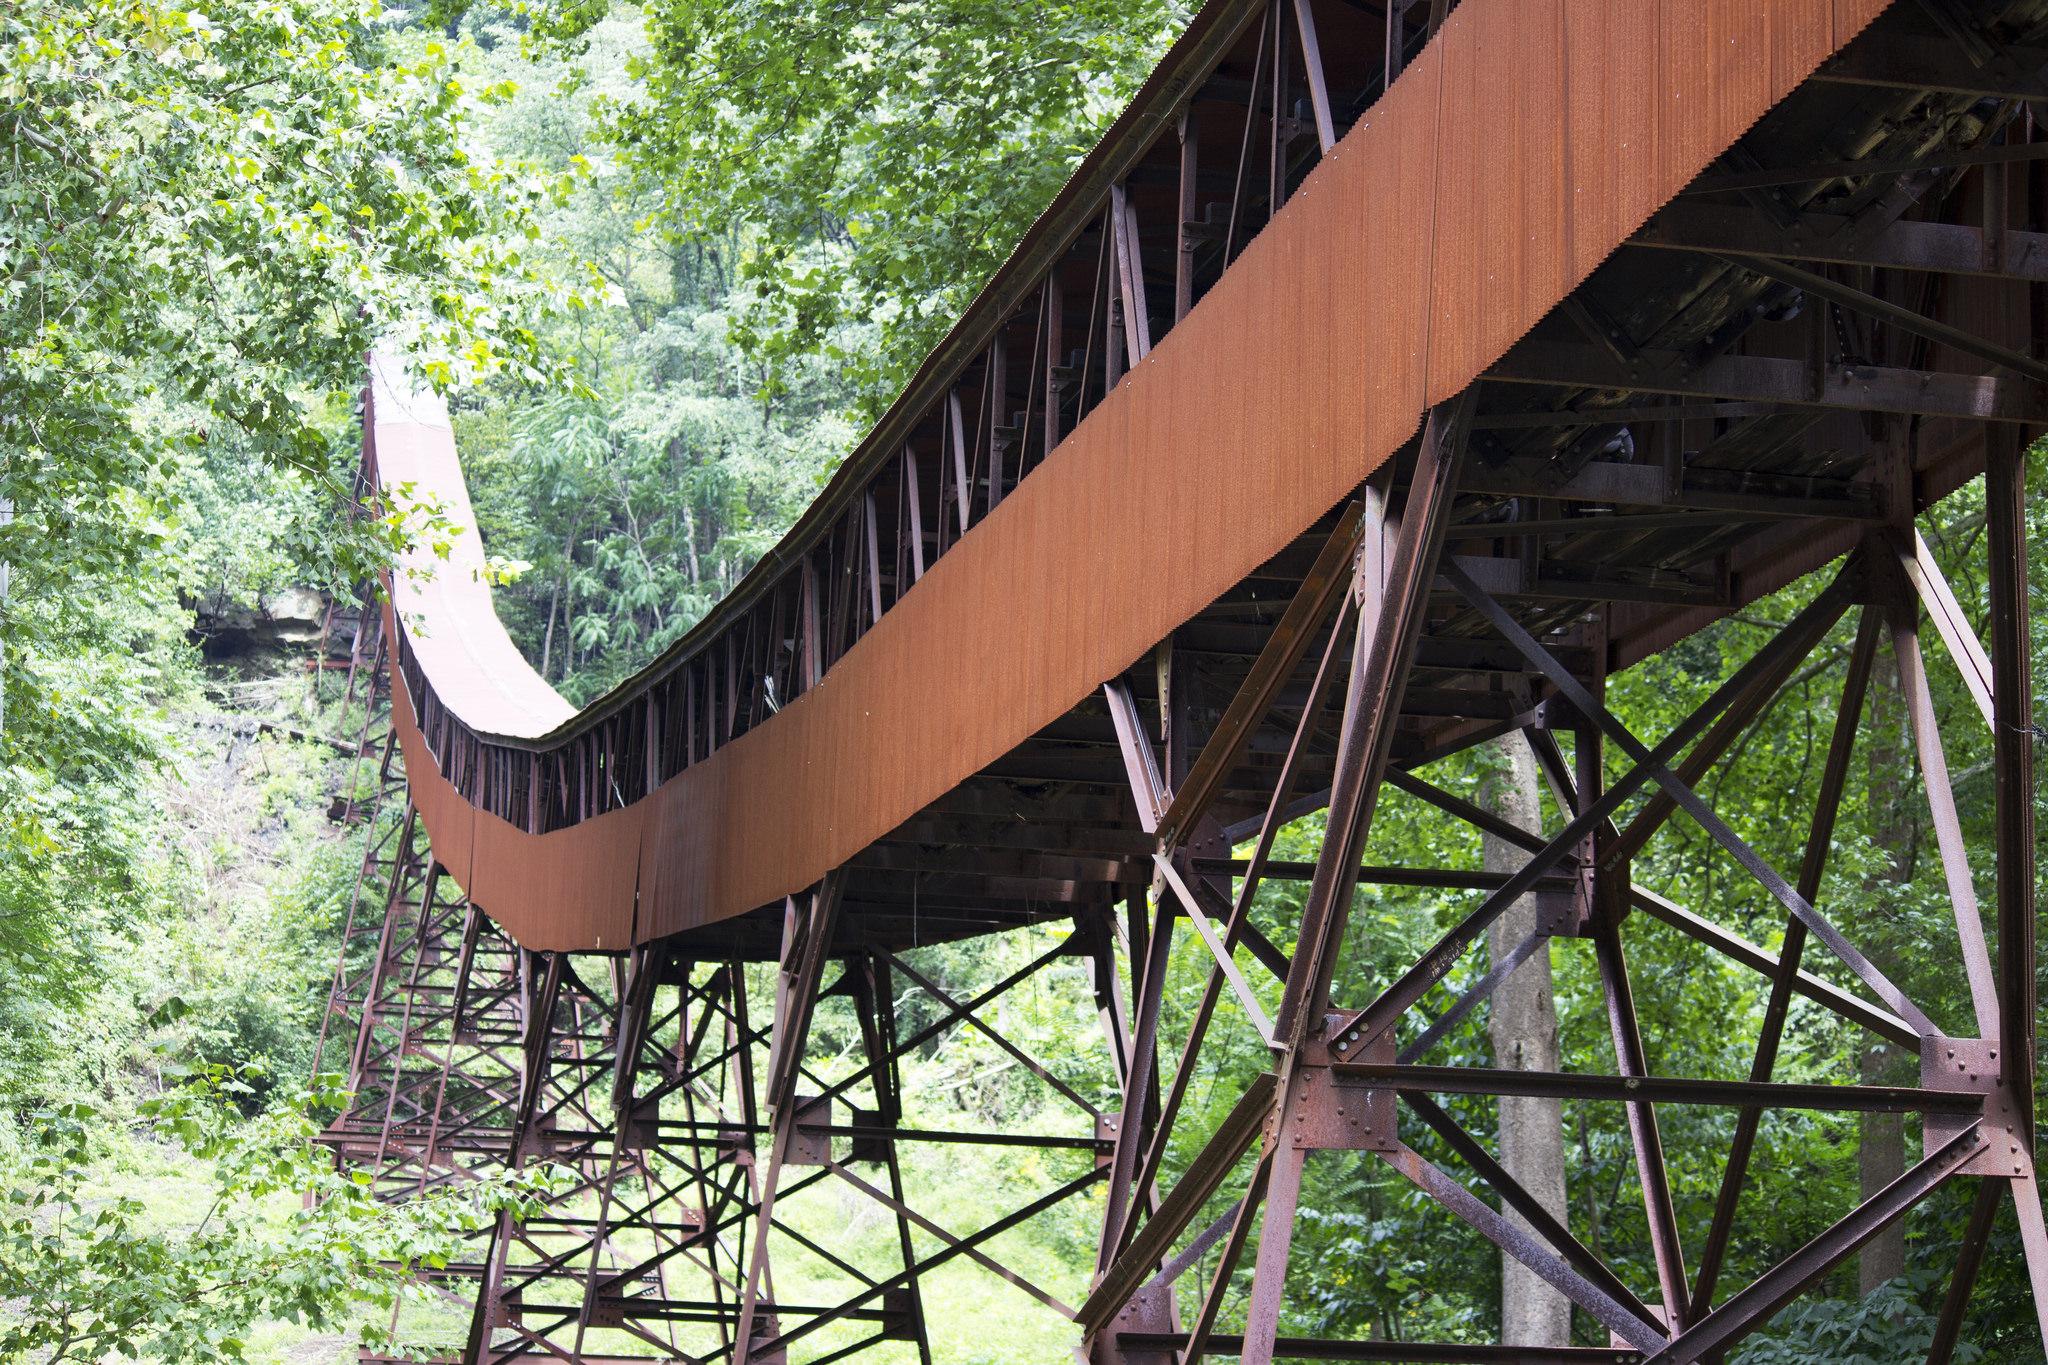 Coal conveyor at Nuttalberg, West Virginia.